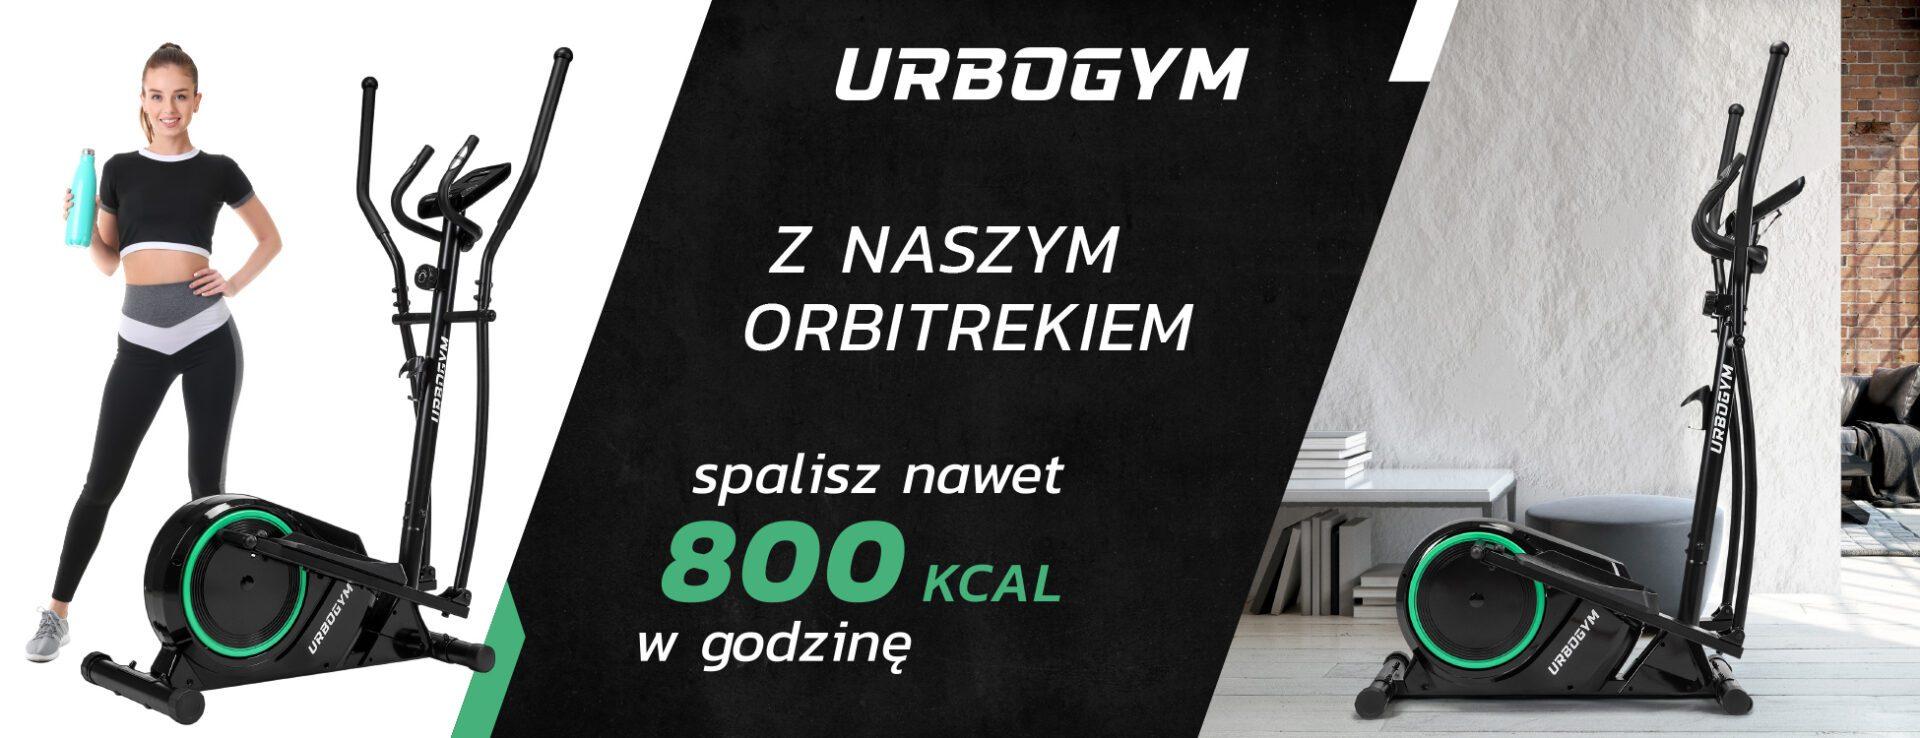 banner BIEŻNIE Urbogym 2 1950 x 800